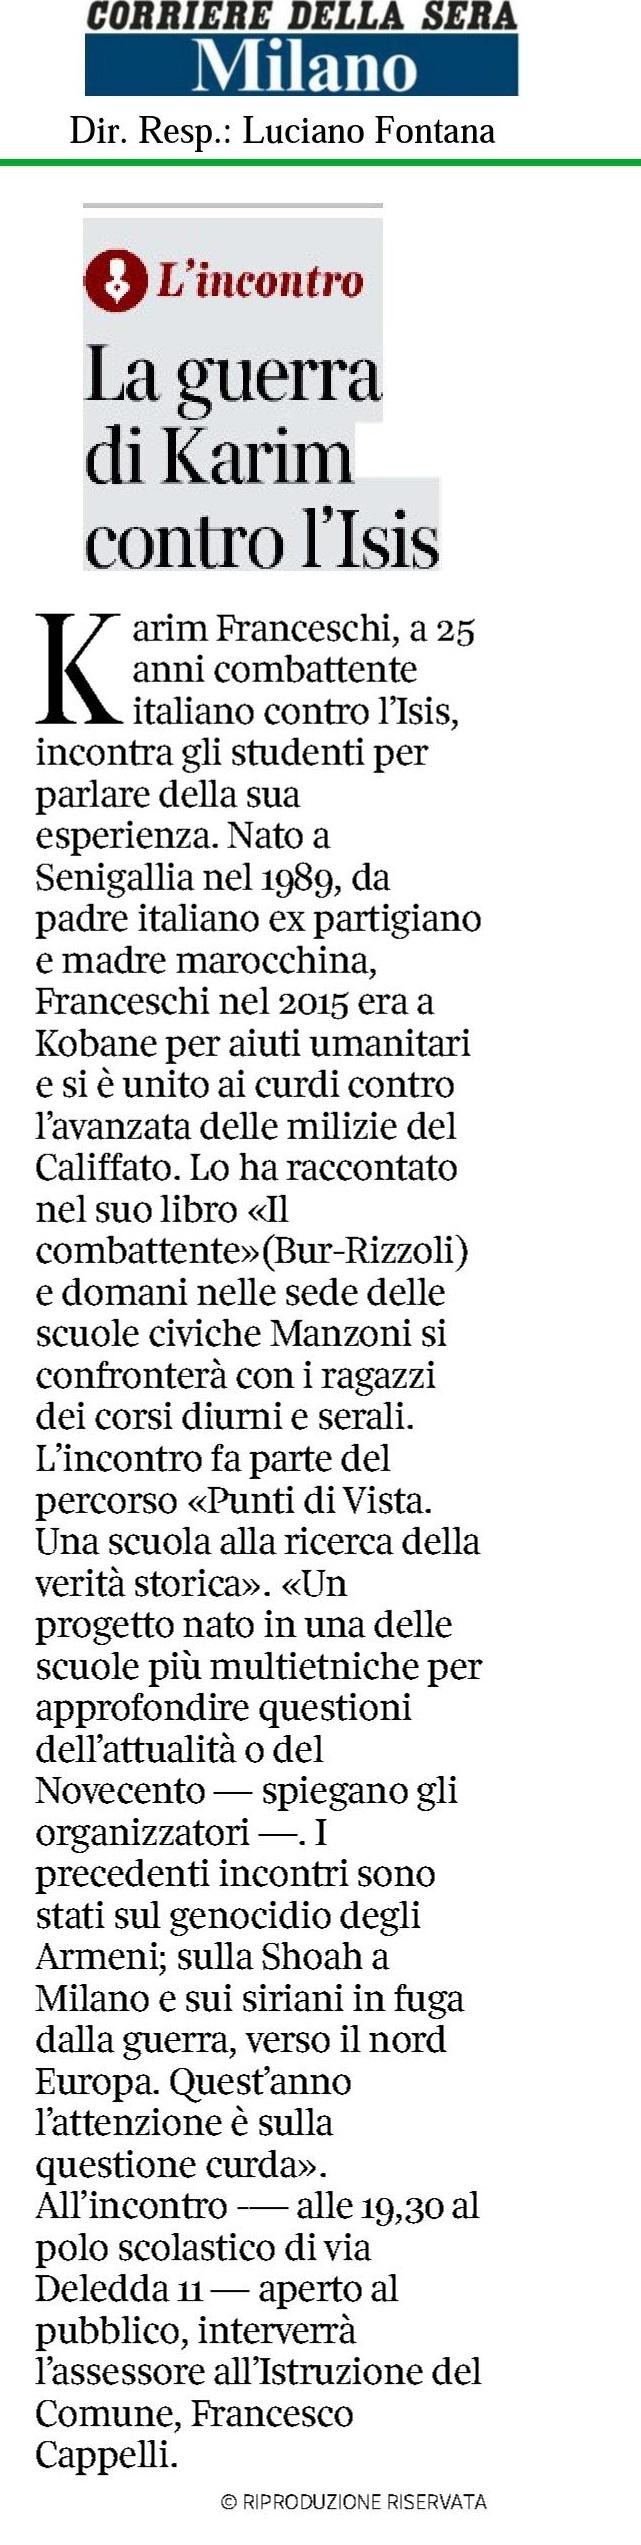 Corriere(1)